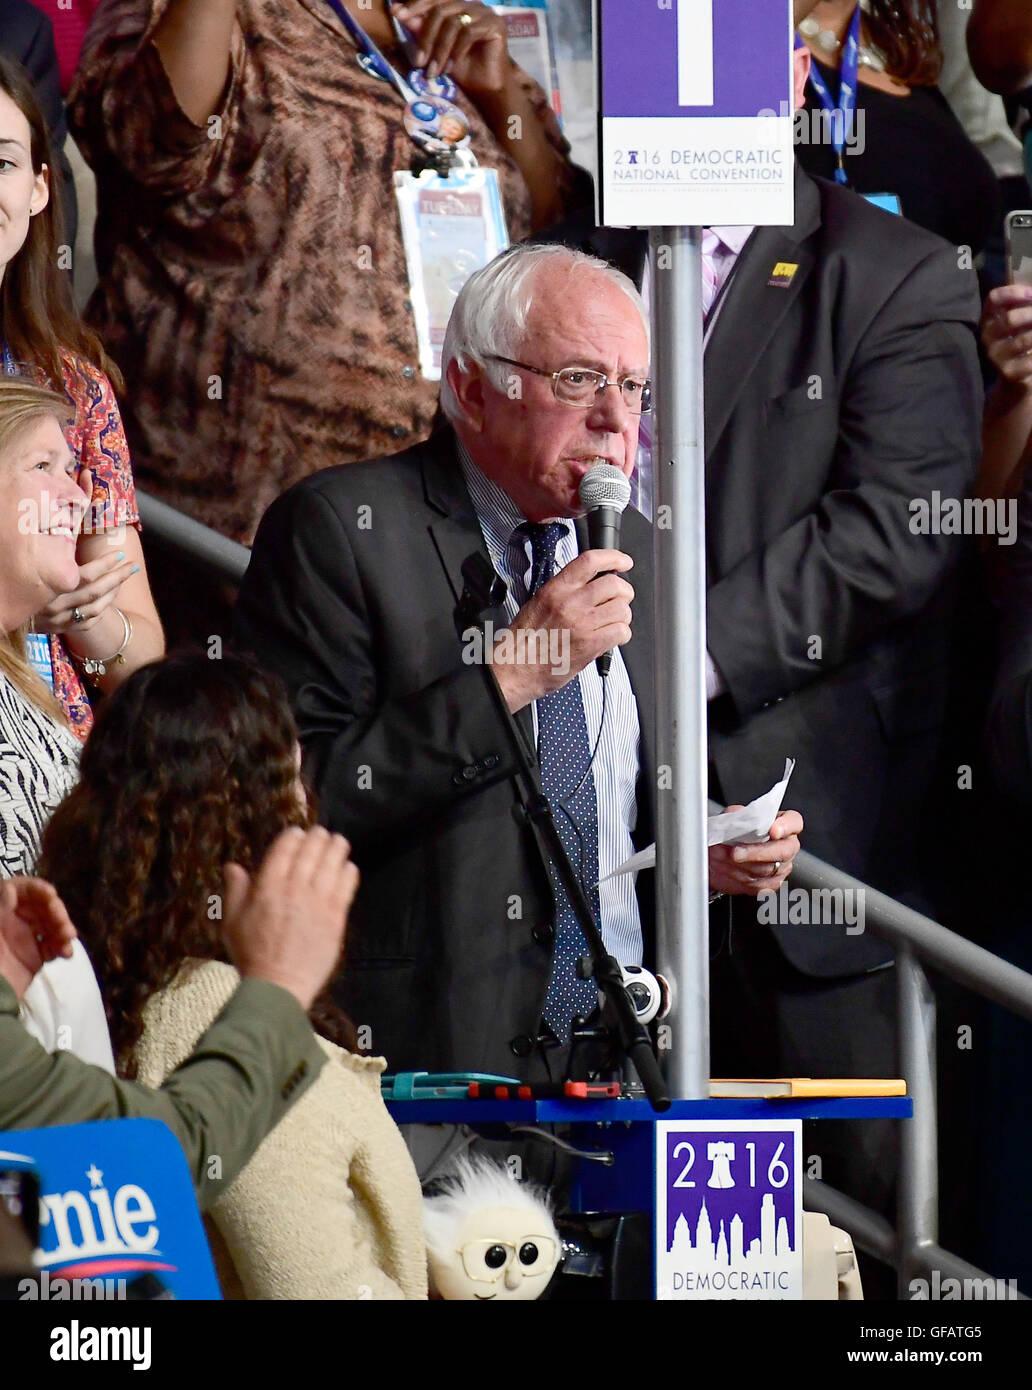 États-unis le sénateur Bernie Sanders (démocrate du Vermont) propose que les règles de la convention Photo Stock